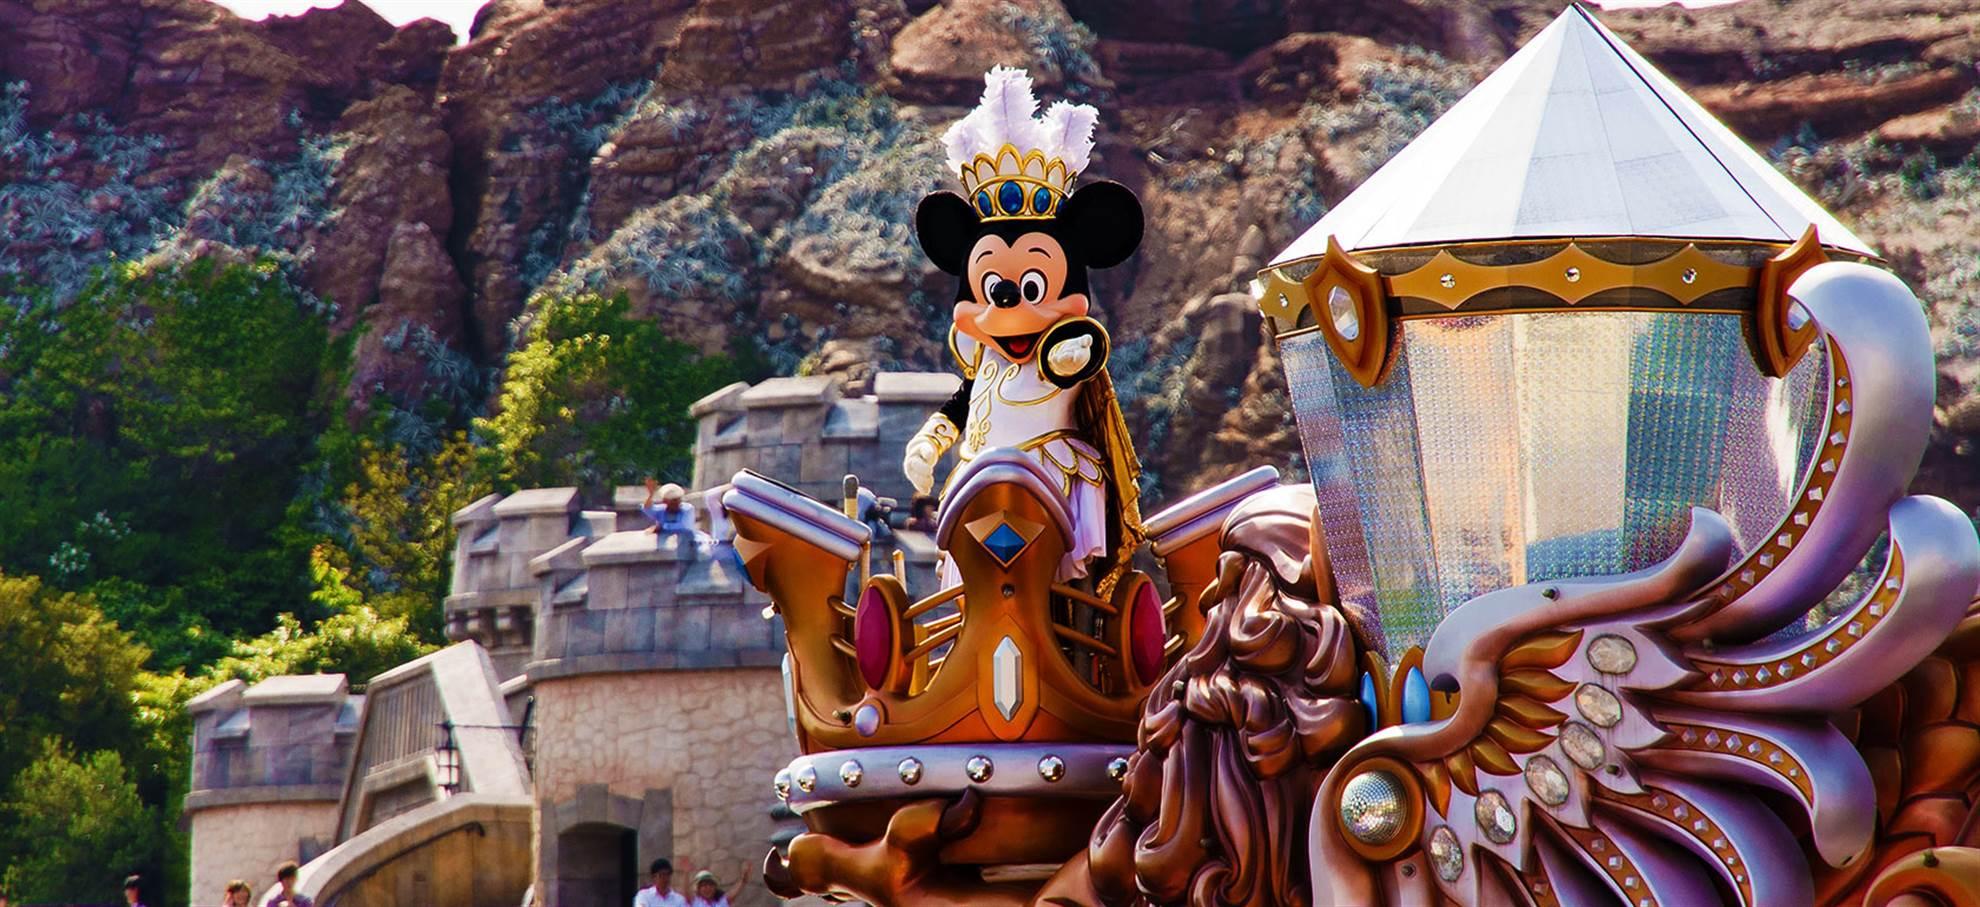 Disneyland® Paris 1 Dia 2 entradas de parque